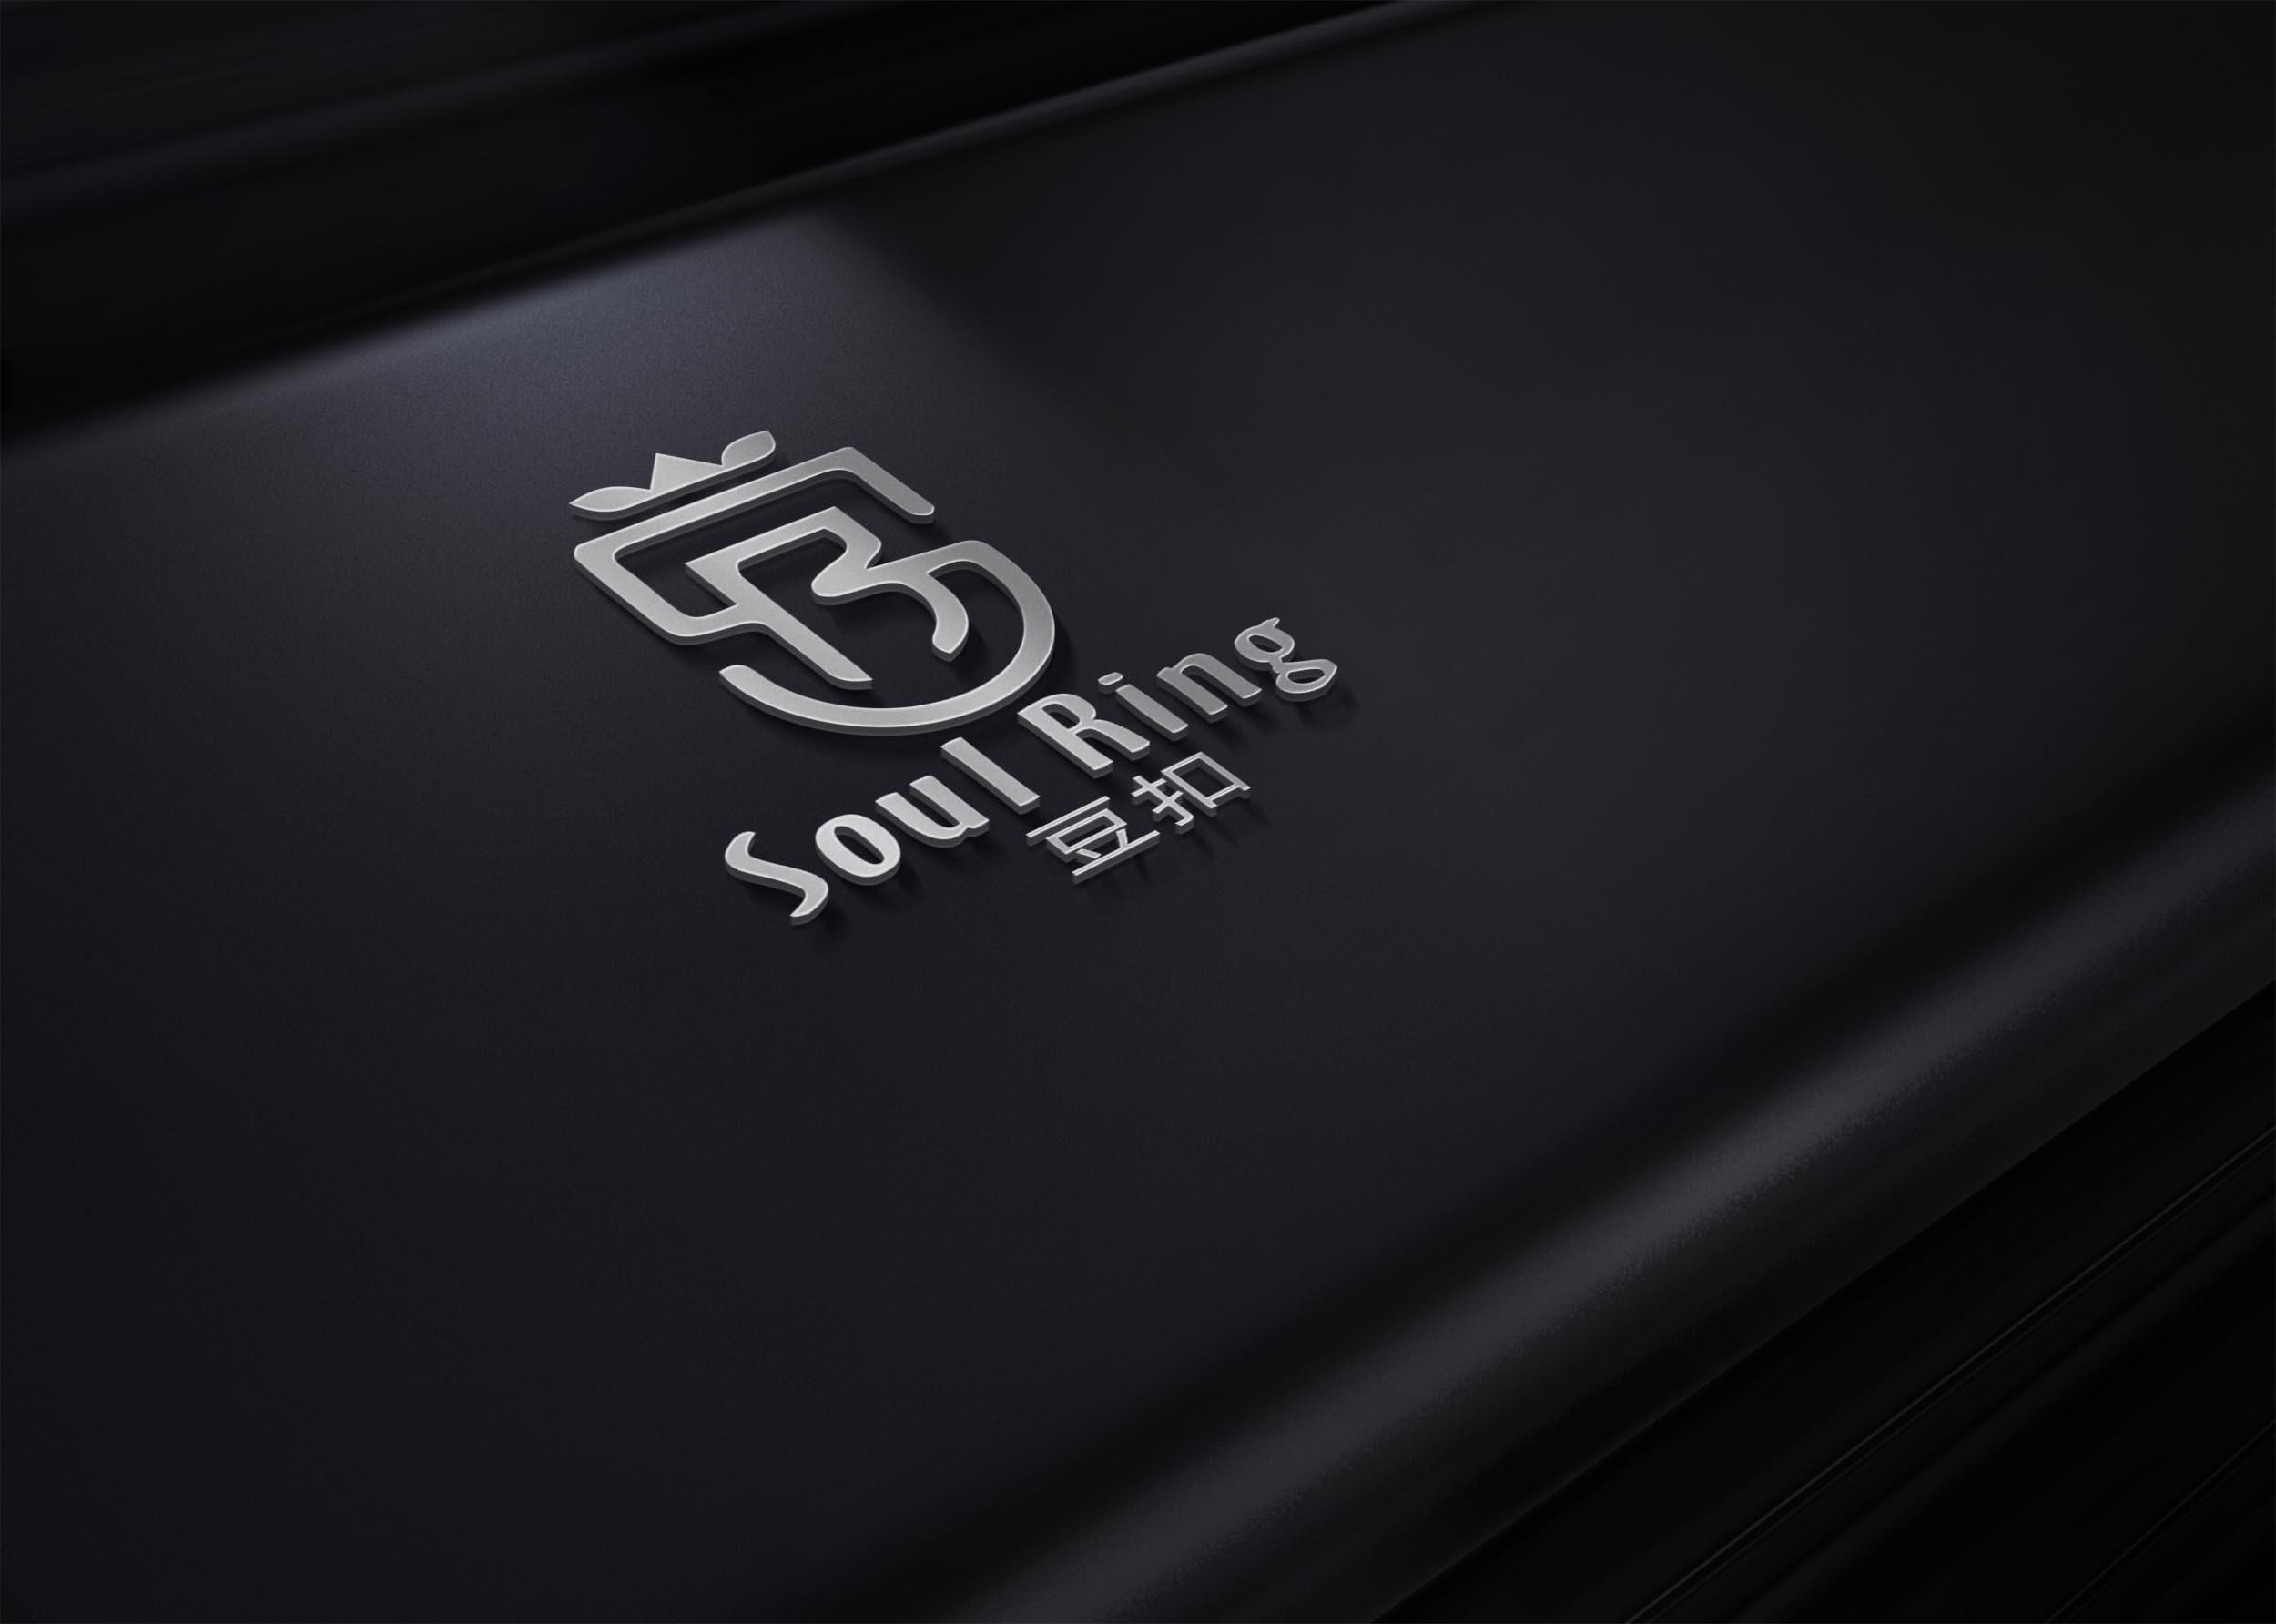 公司LOGO和名片设计(内容有补充6.17)_3037898_k68威客网